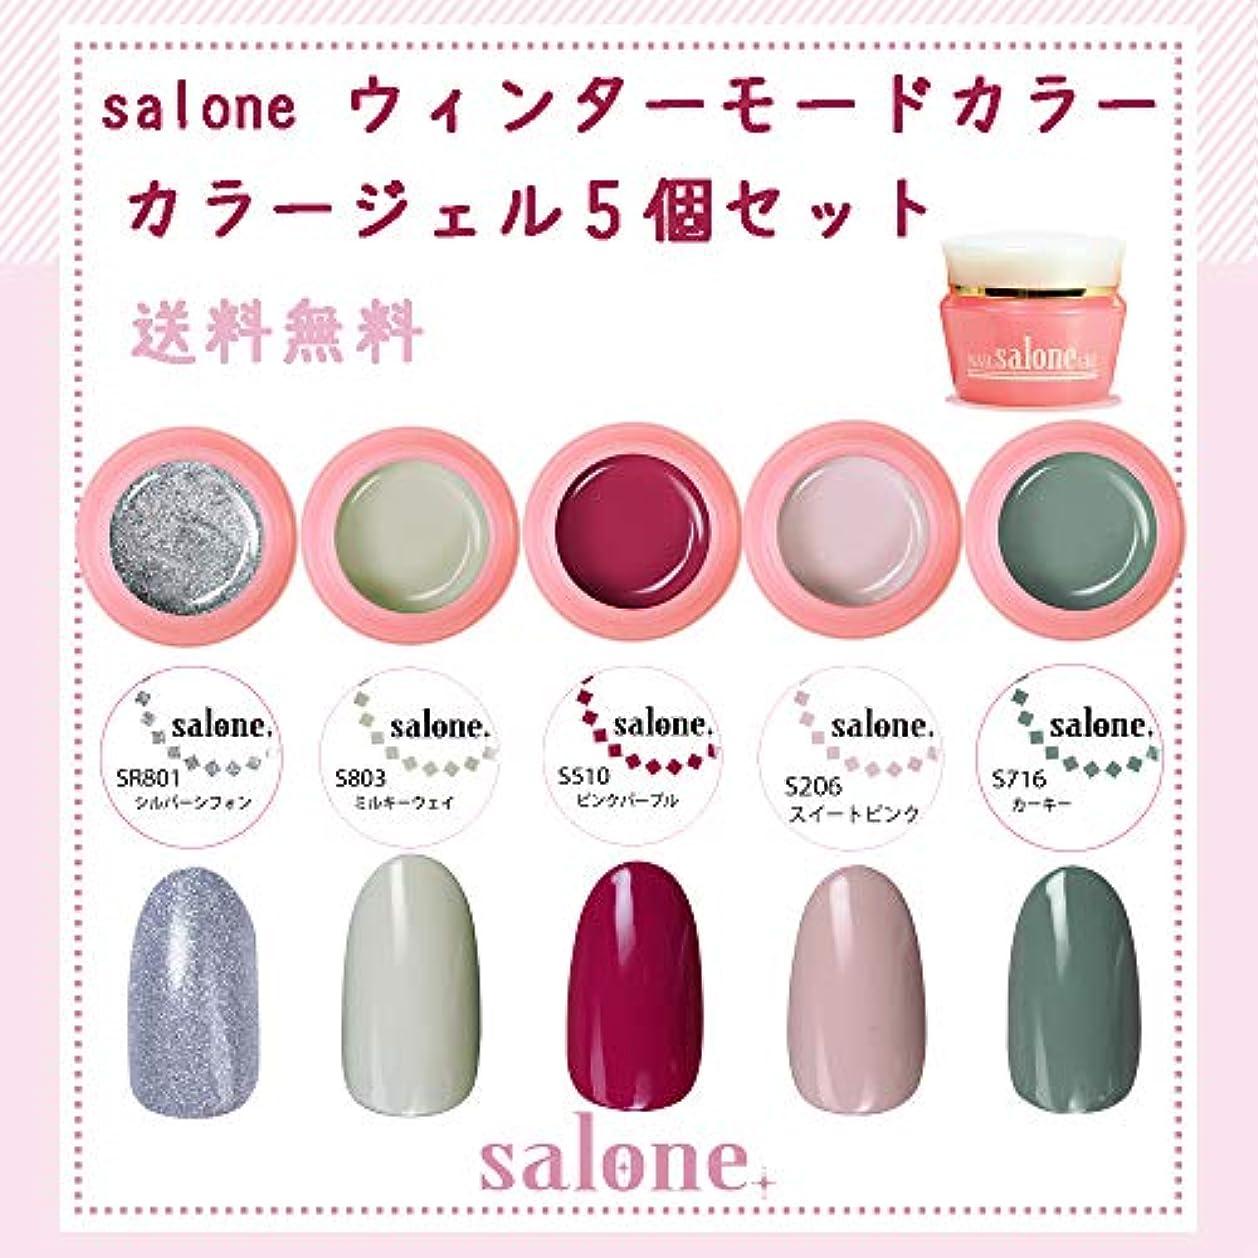 仮定、想定。推測創造未就学【送料無料 日本製】Salone モード カラージェル5個セット ネイルのマストカラーオシャレなモードカラー